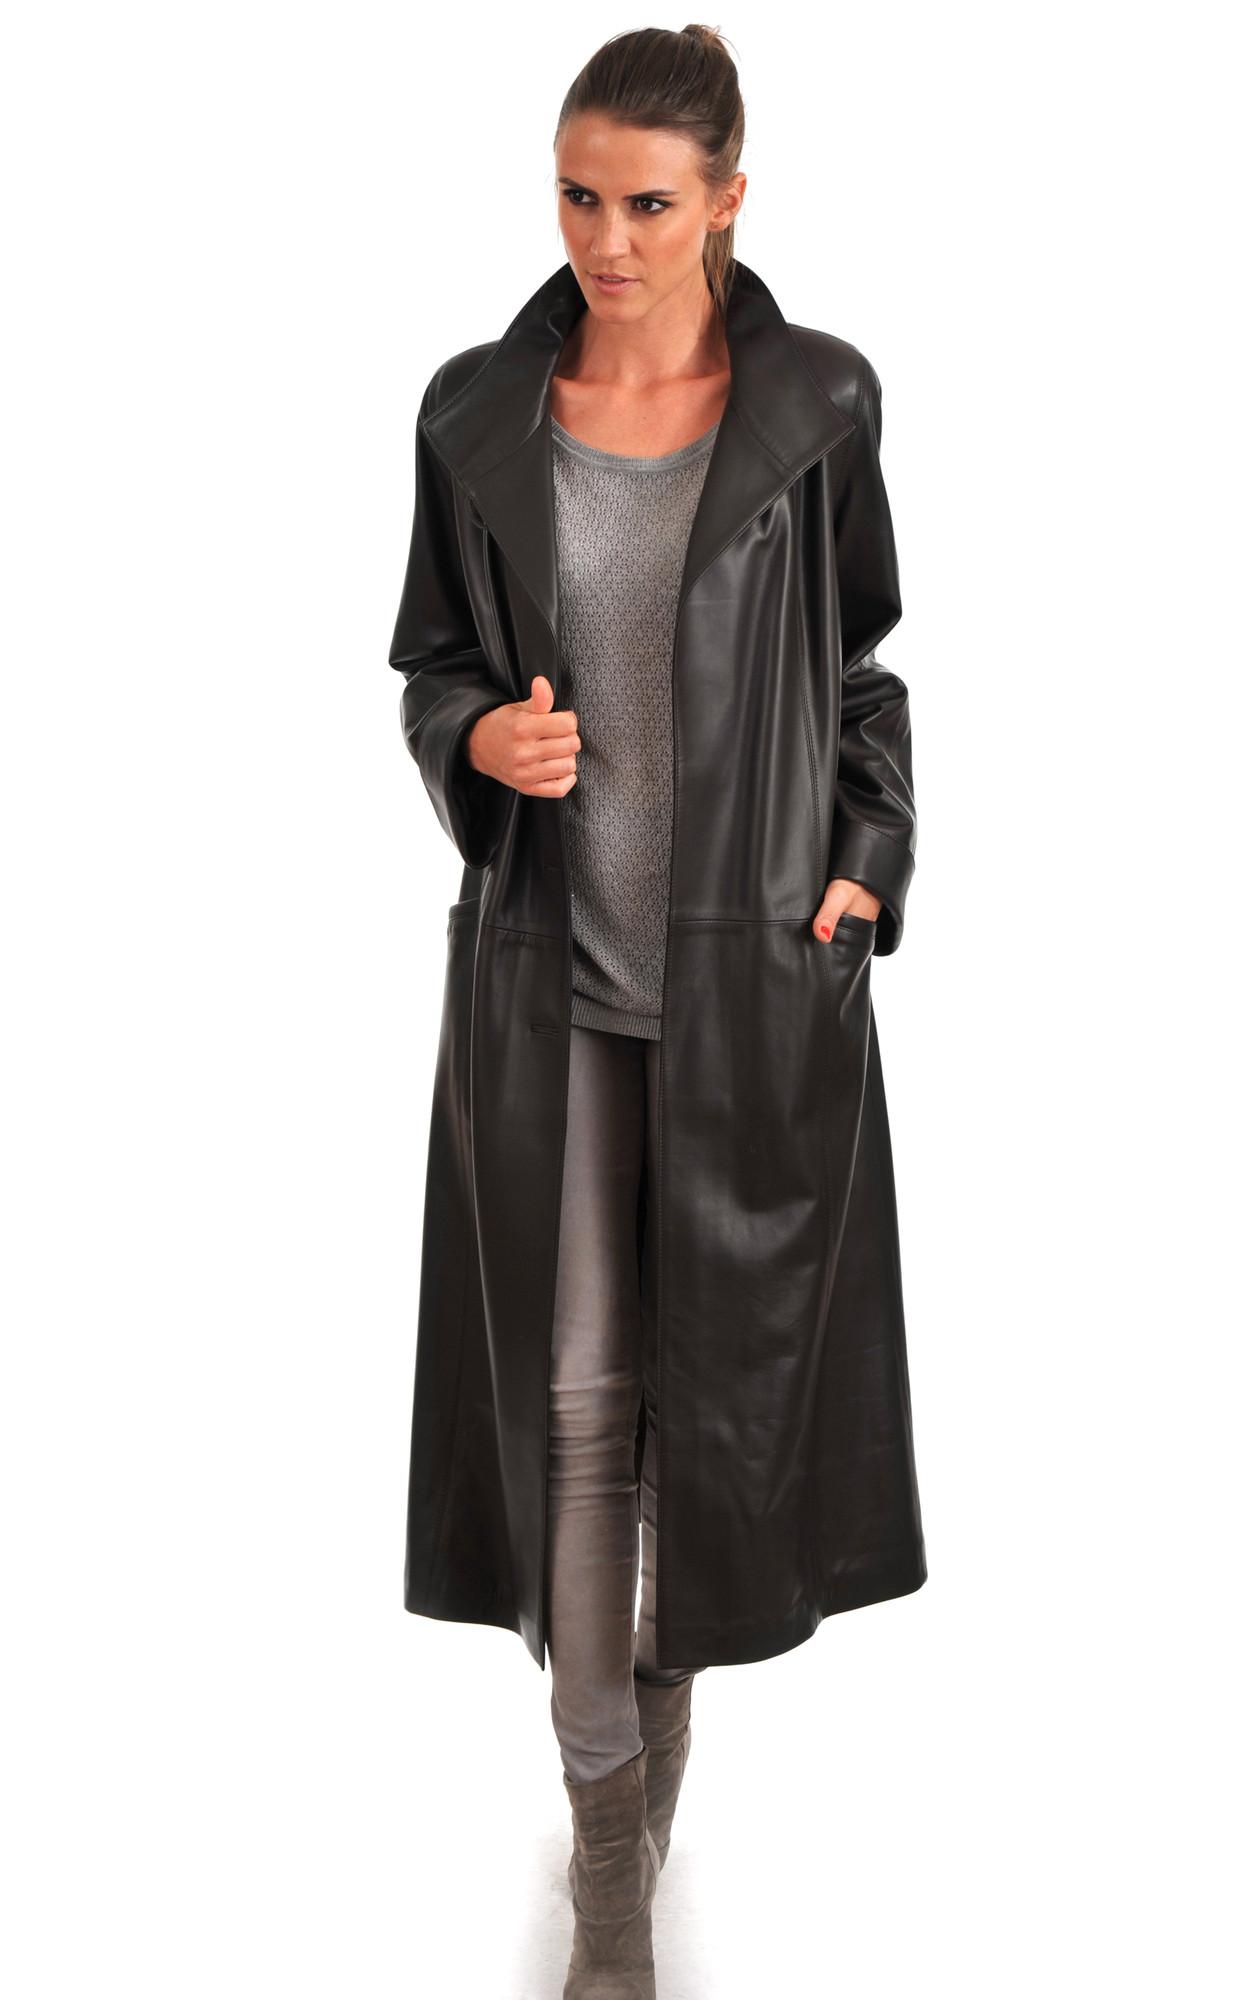 manteau cuir homme long noir les vestes la mode sont populaires partout dans le monde. Black Bedroom Furniture Sets. Home Design Ideas